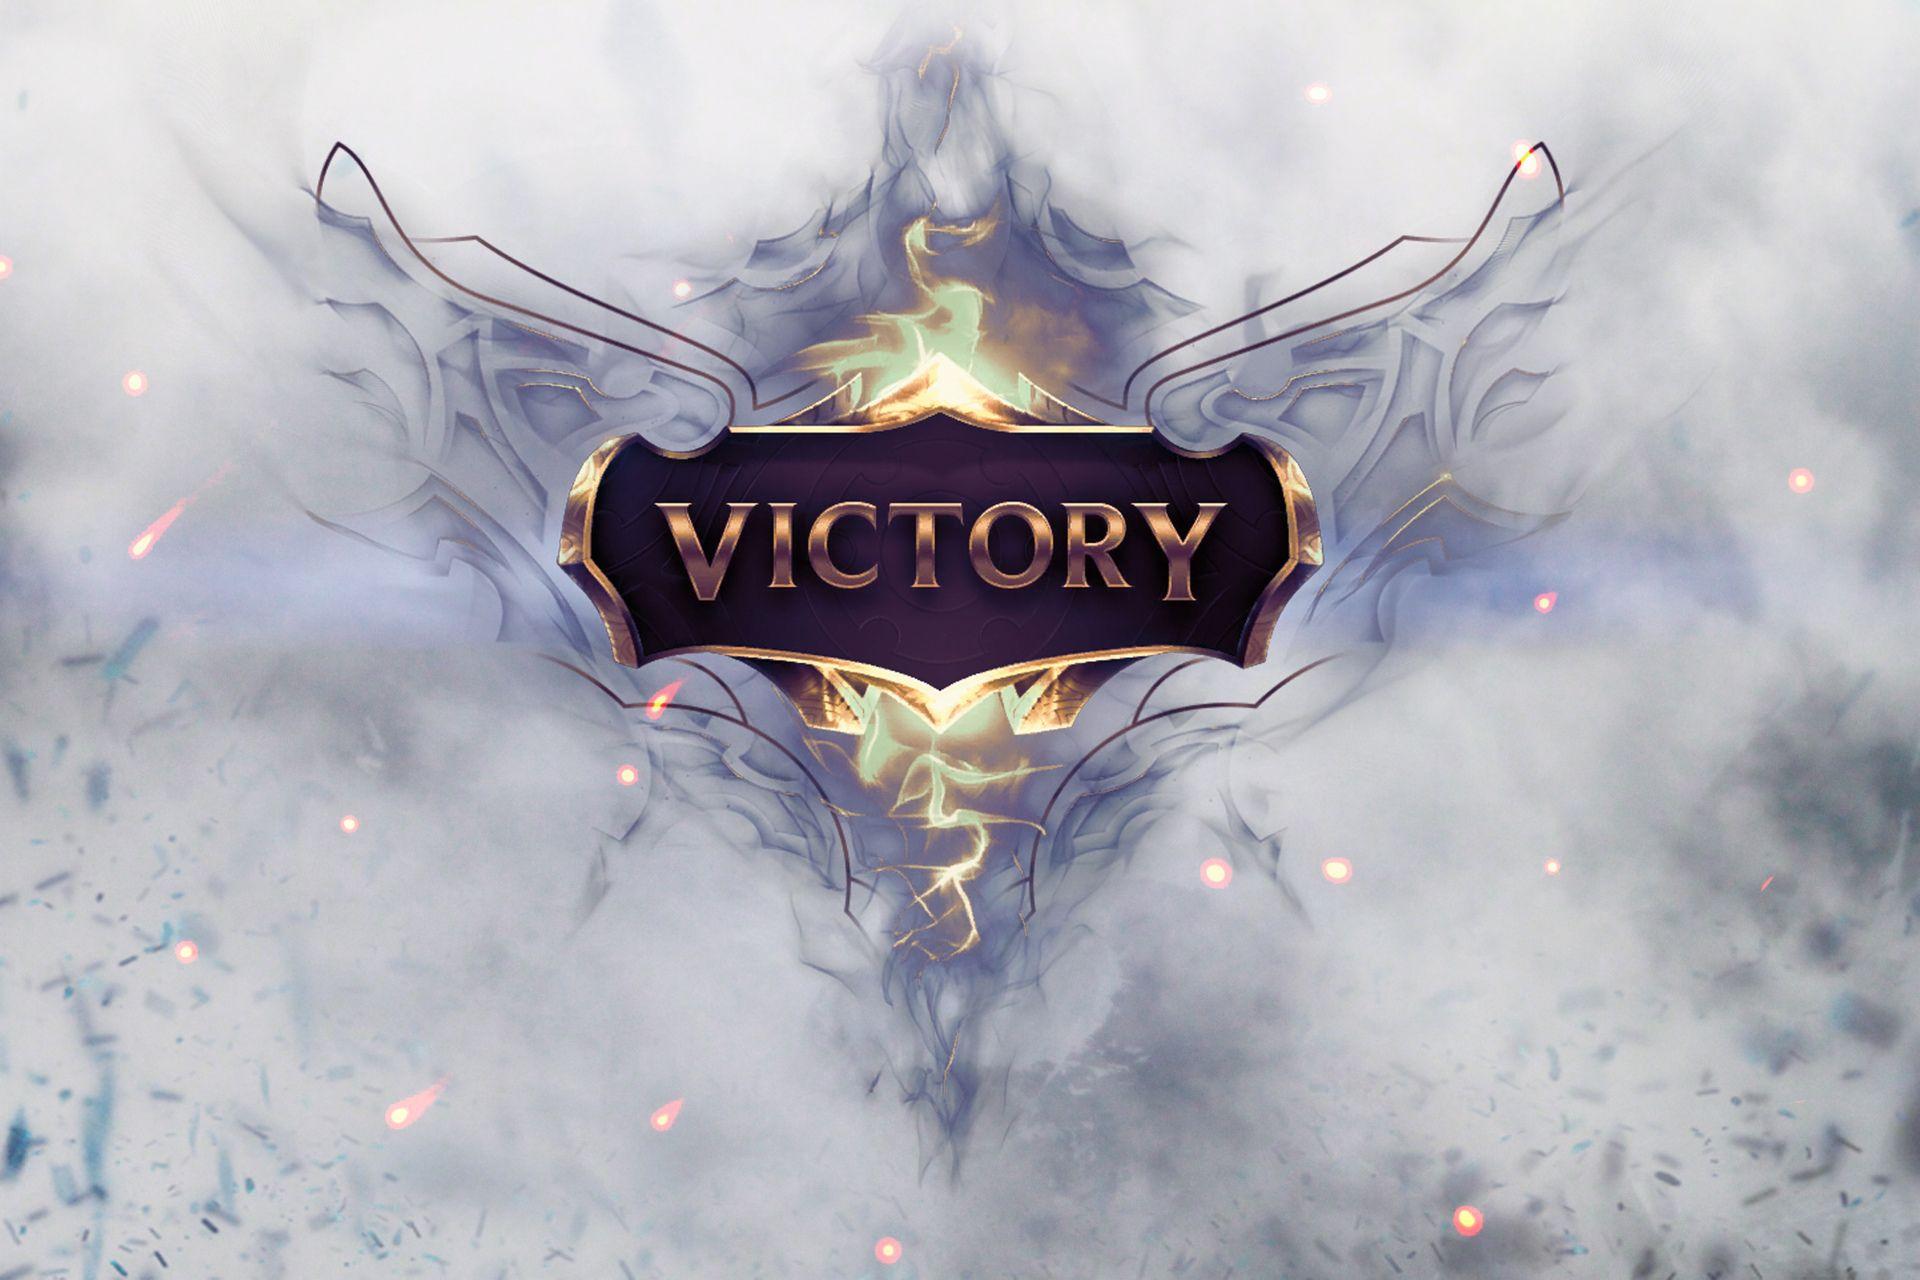 Vdeo Game League Of Legends Victory Photoshop Papel de Parede 1920x1280